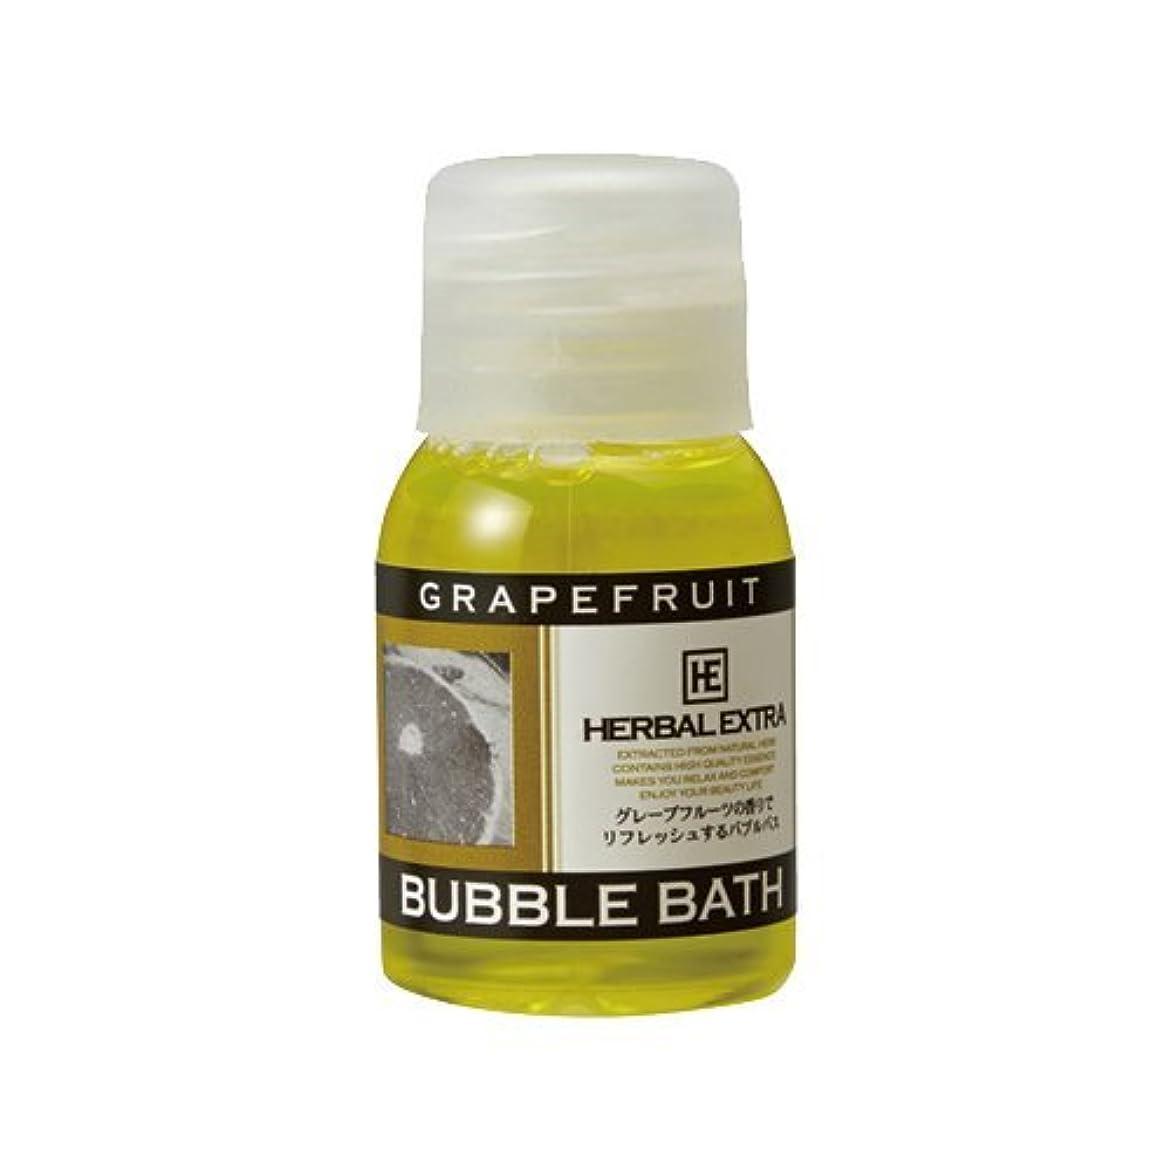 持続する比類なき玉ねぎハーバルエクストラ バブルバス ミニボトル グレープフルーツの香り × 20個セット - ホテルアメニティ 業務用 発泡入浴剤 (BUBBLE BATH)